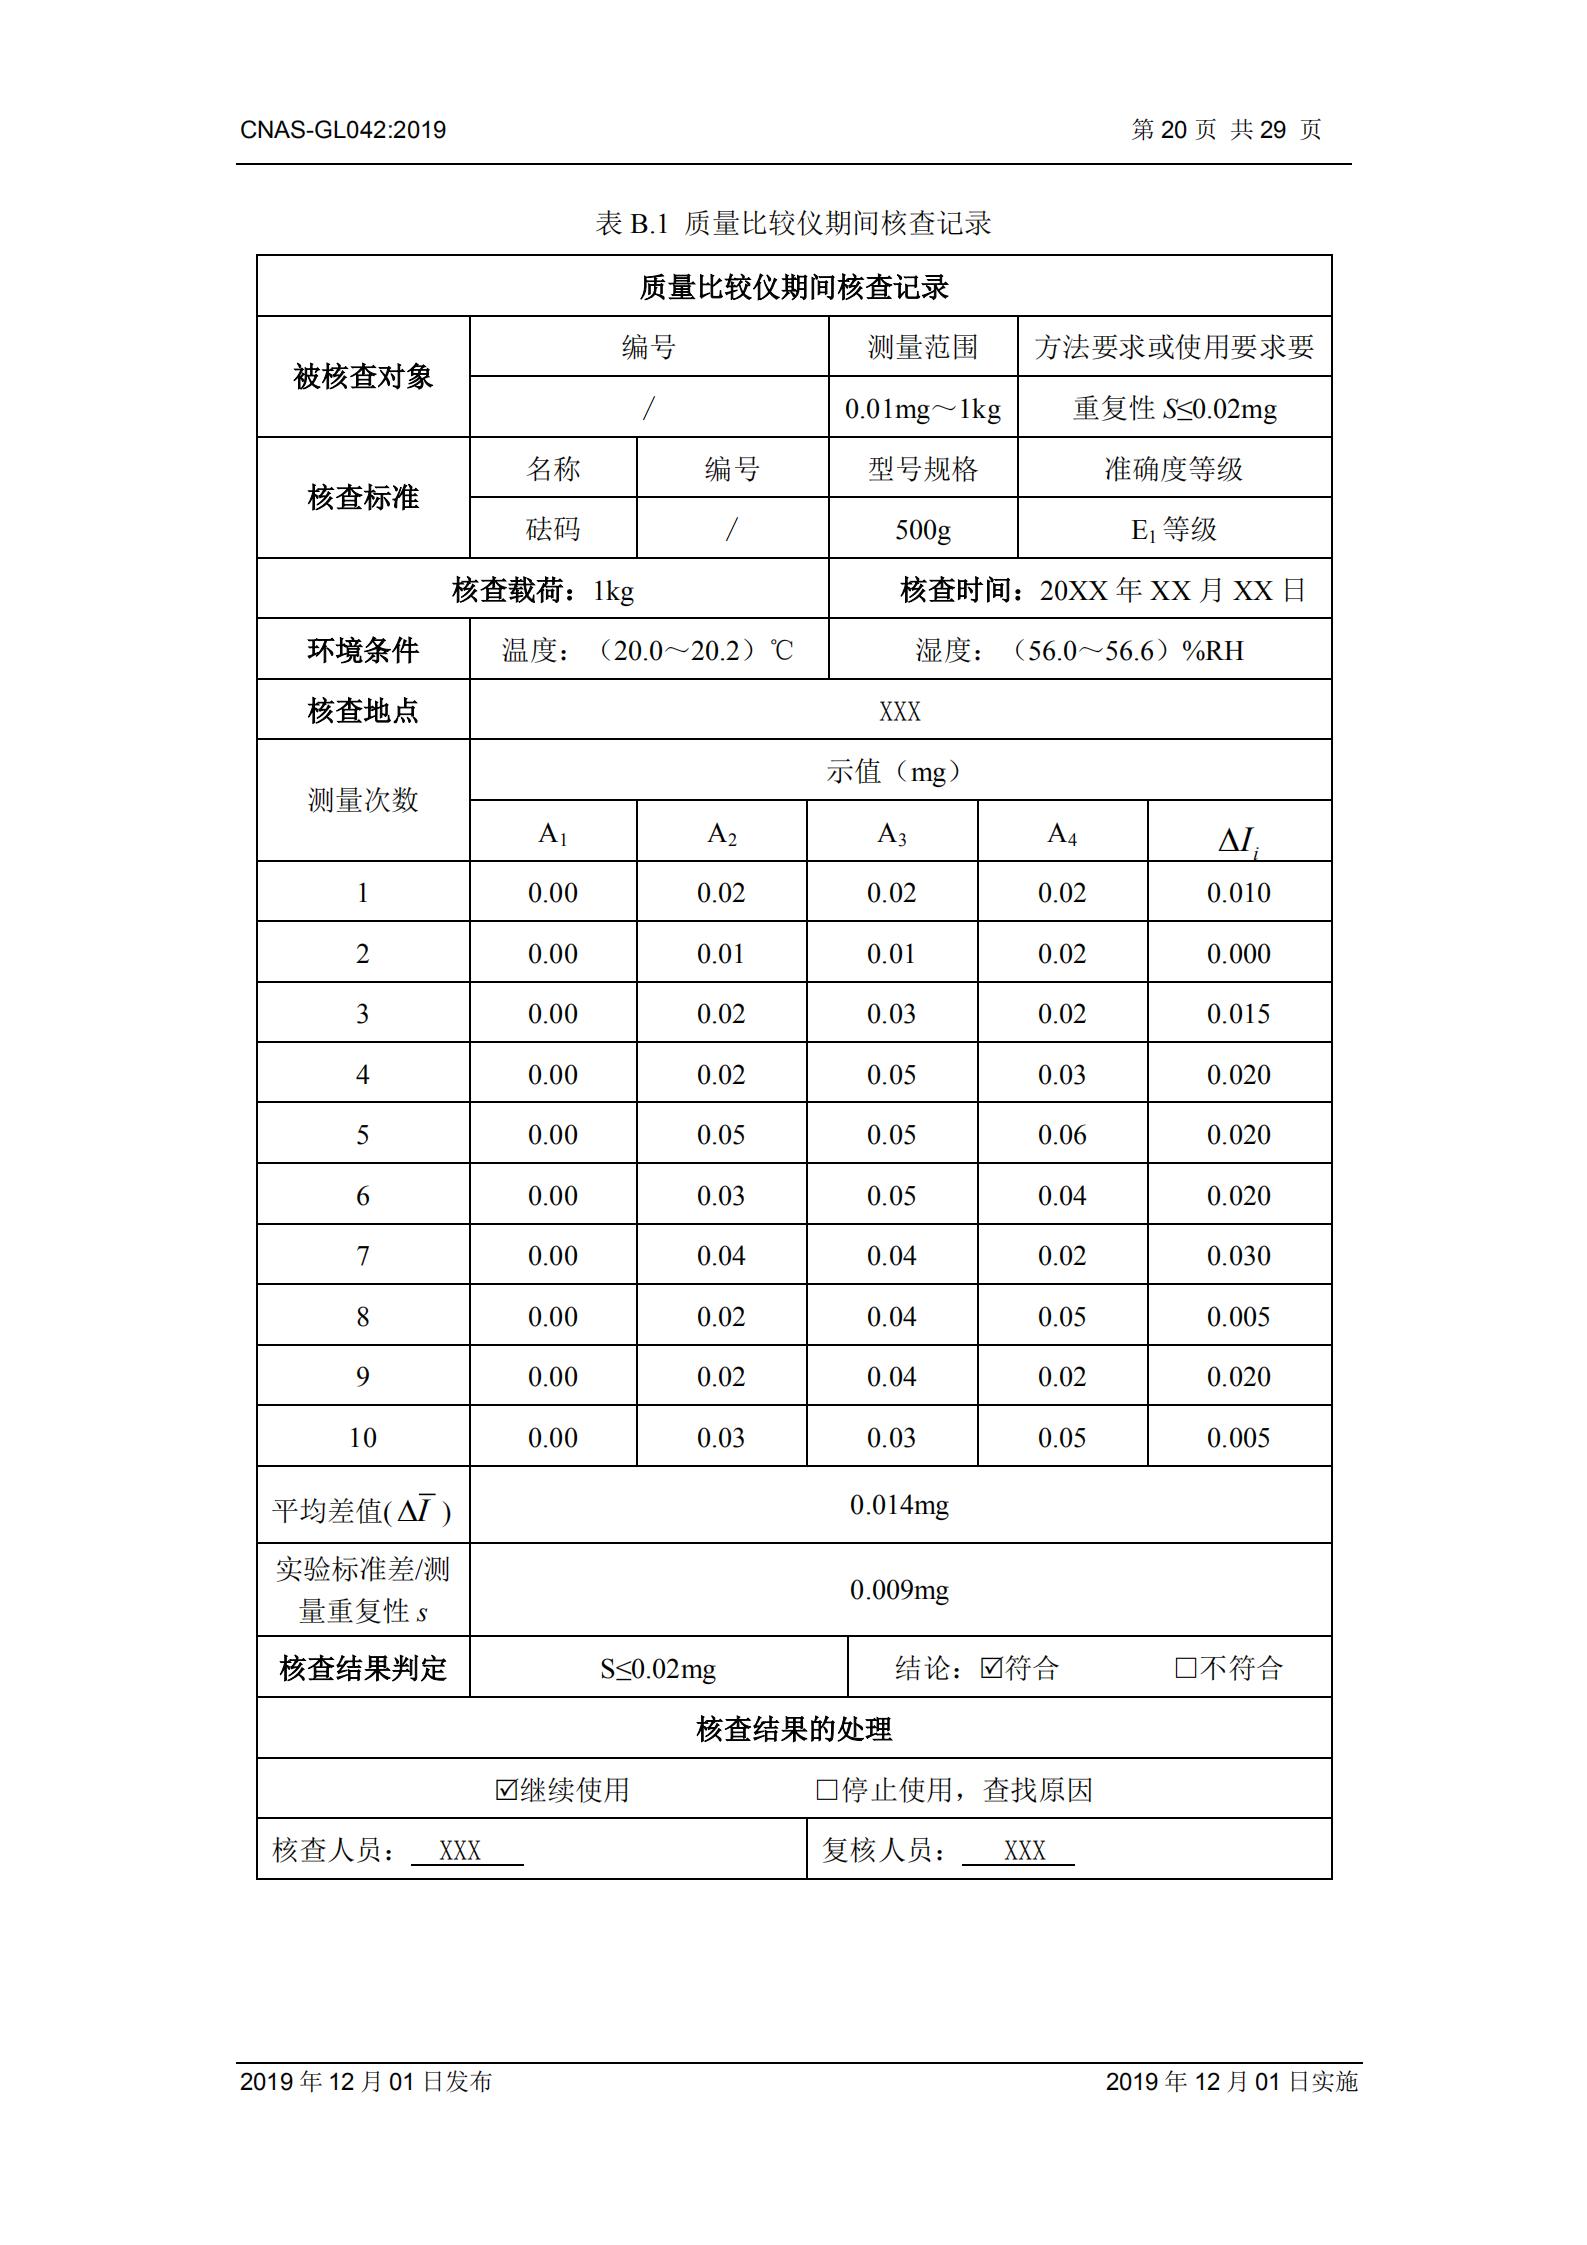 CNAS-GL042:2019《测量设备期间核查的方法指南》_20.png